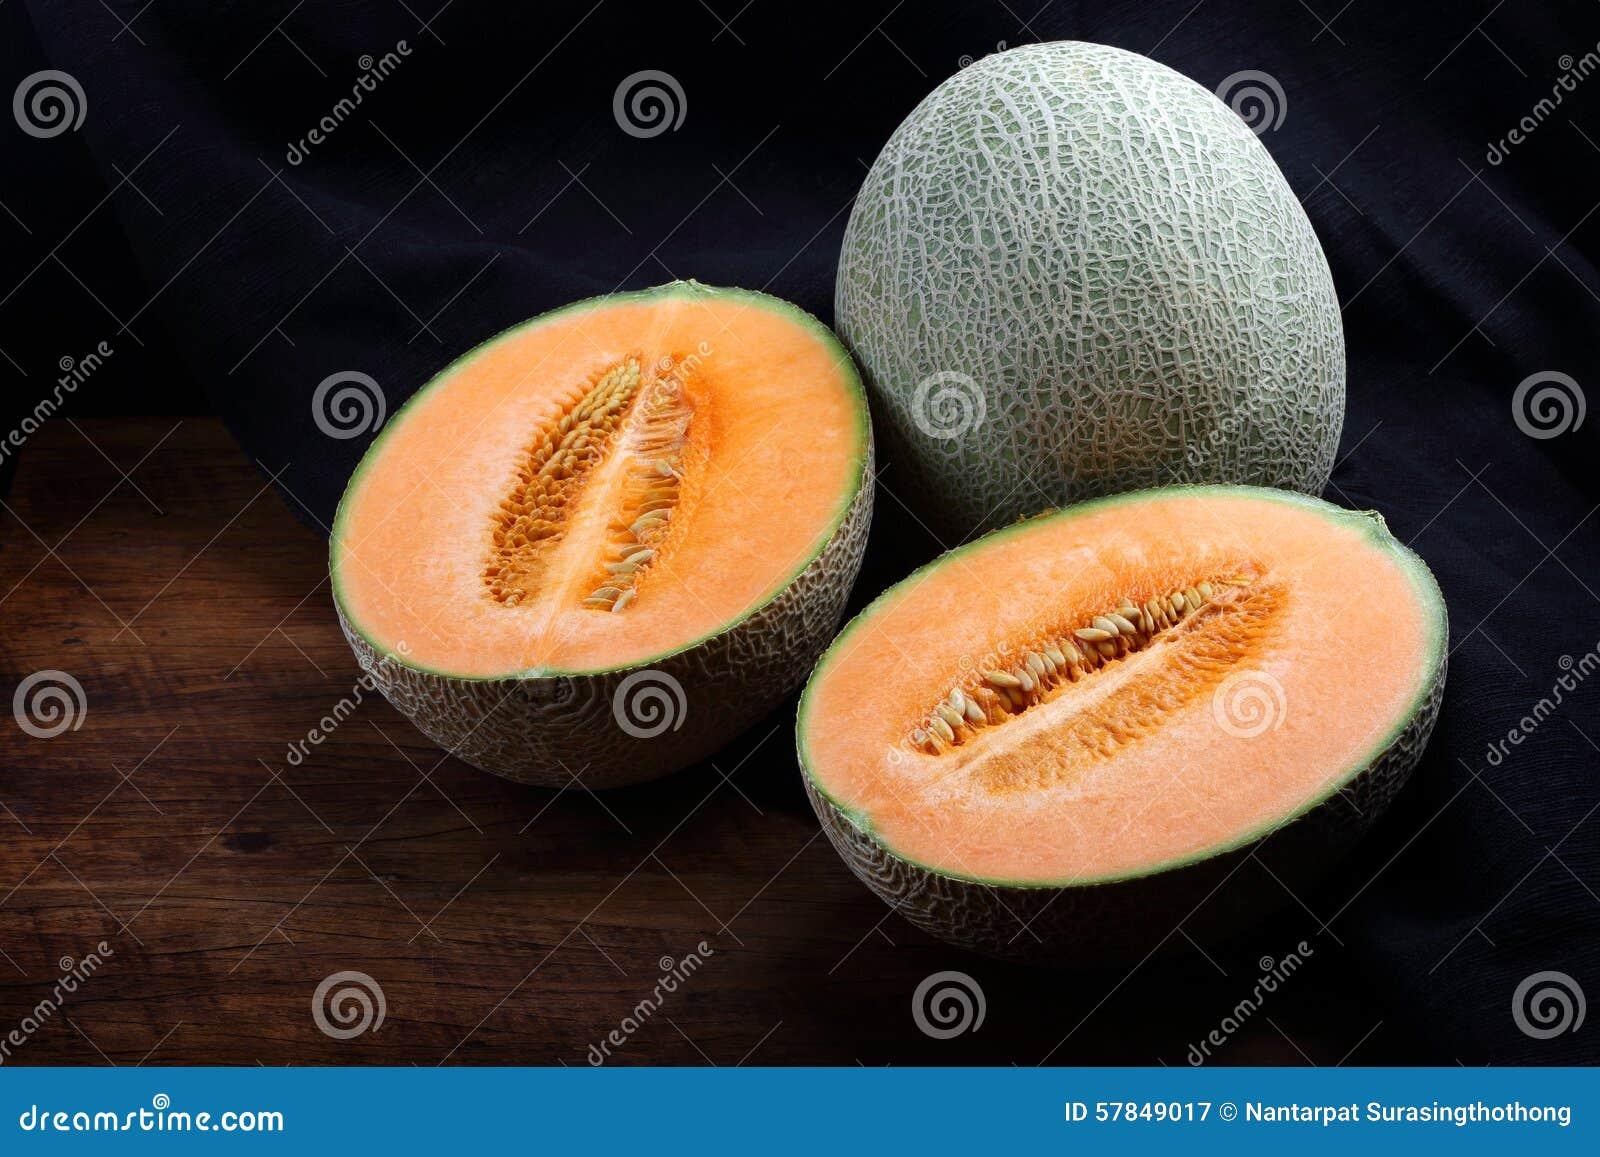 在木桌上的有机甜瓜